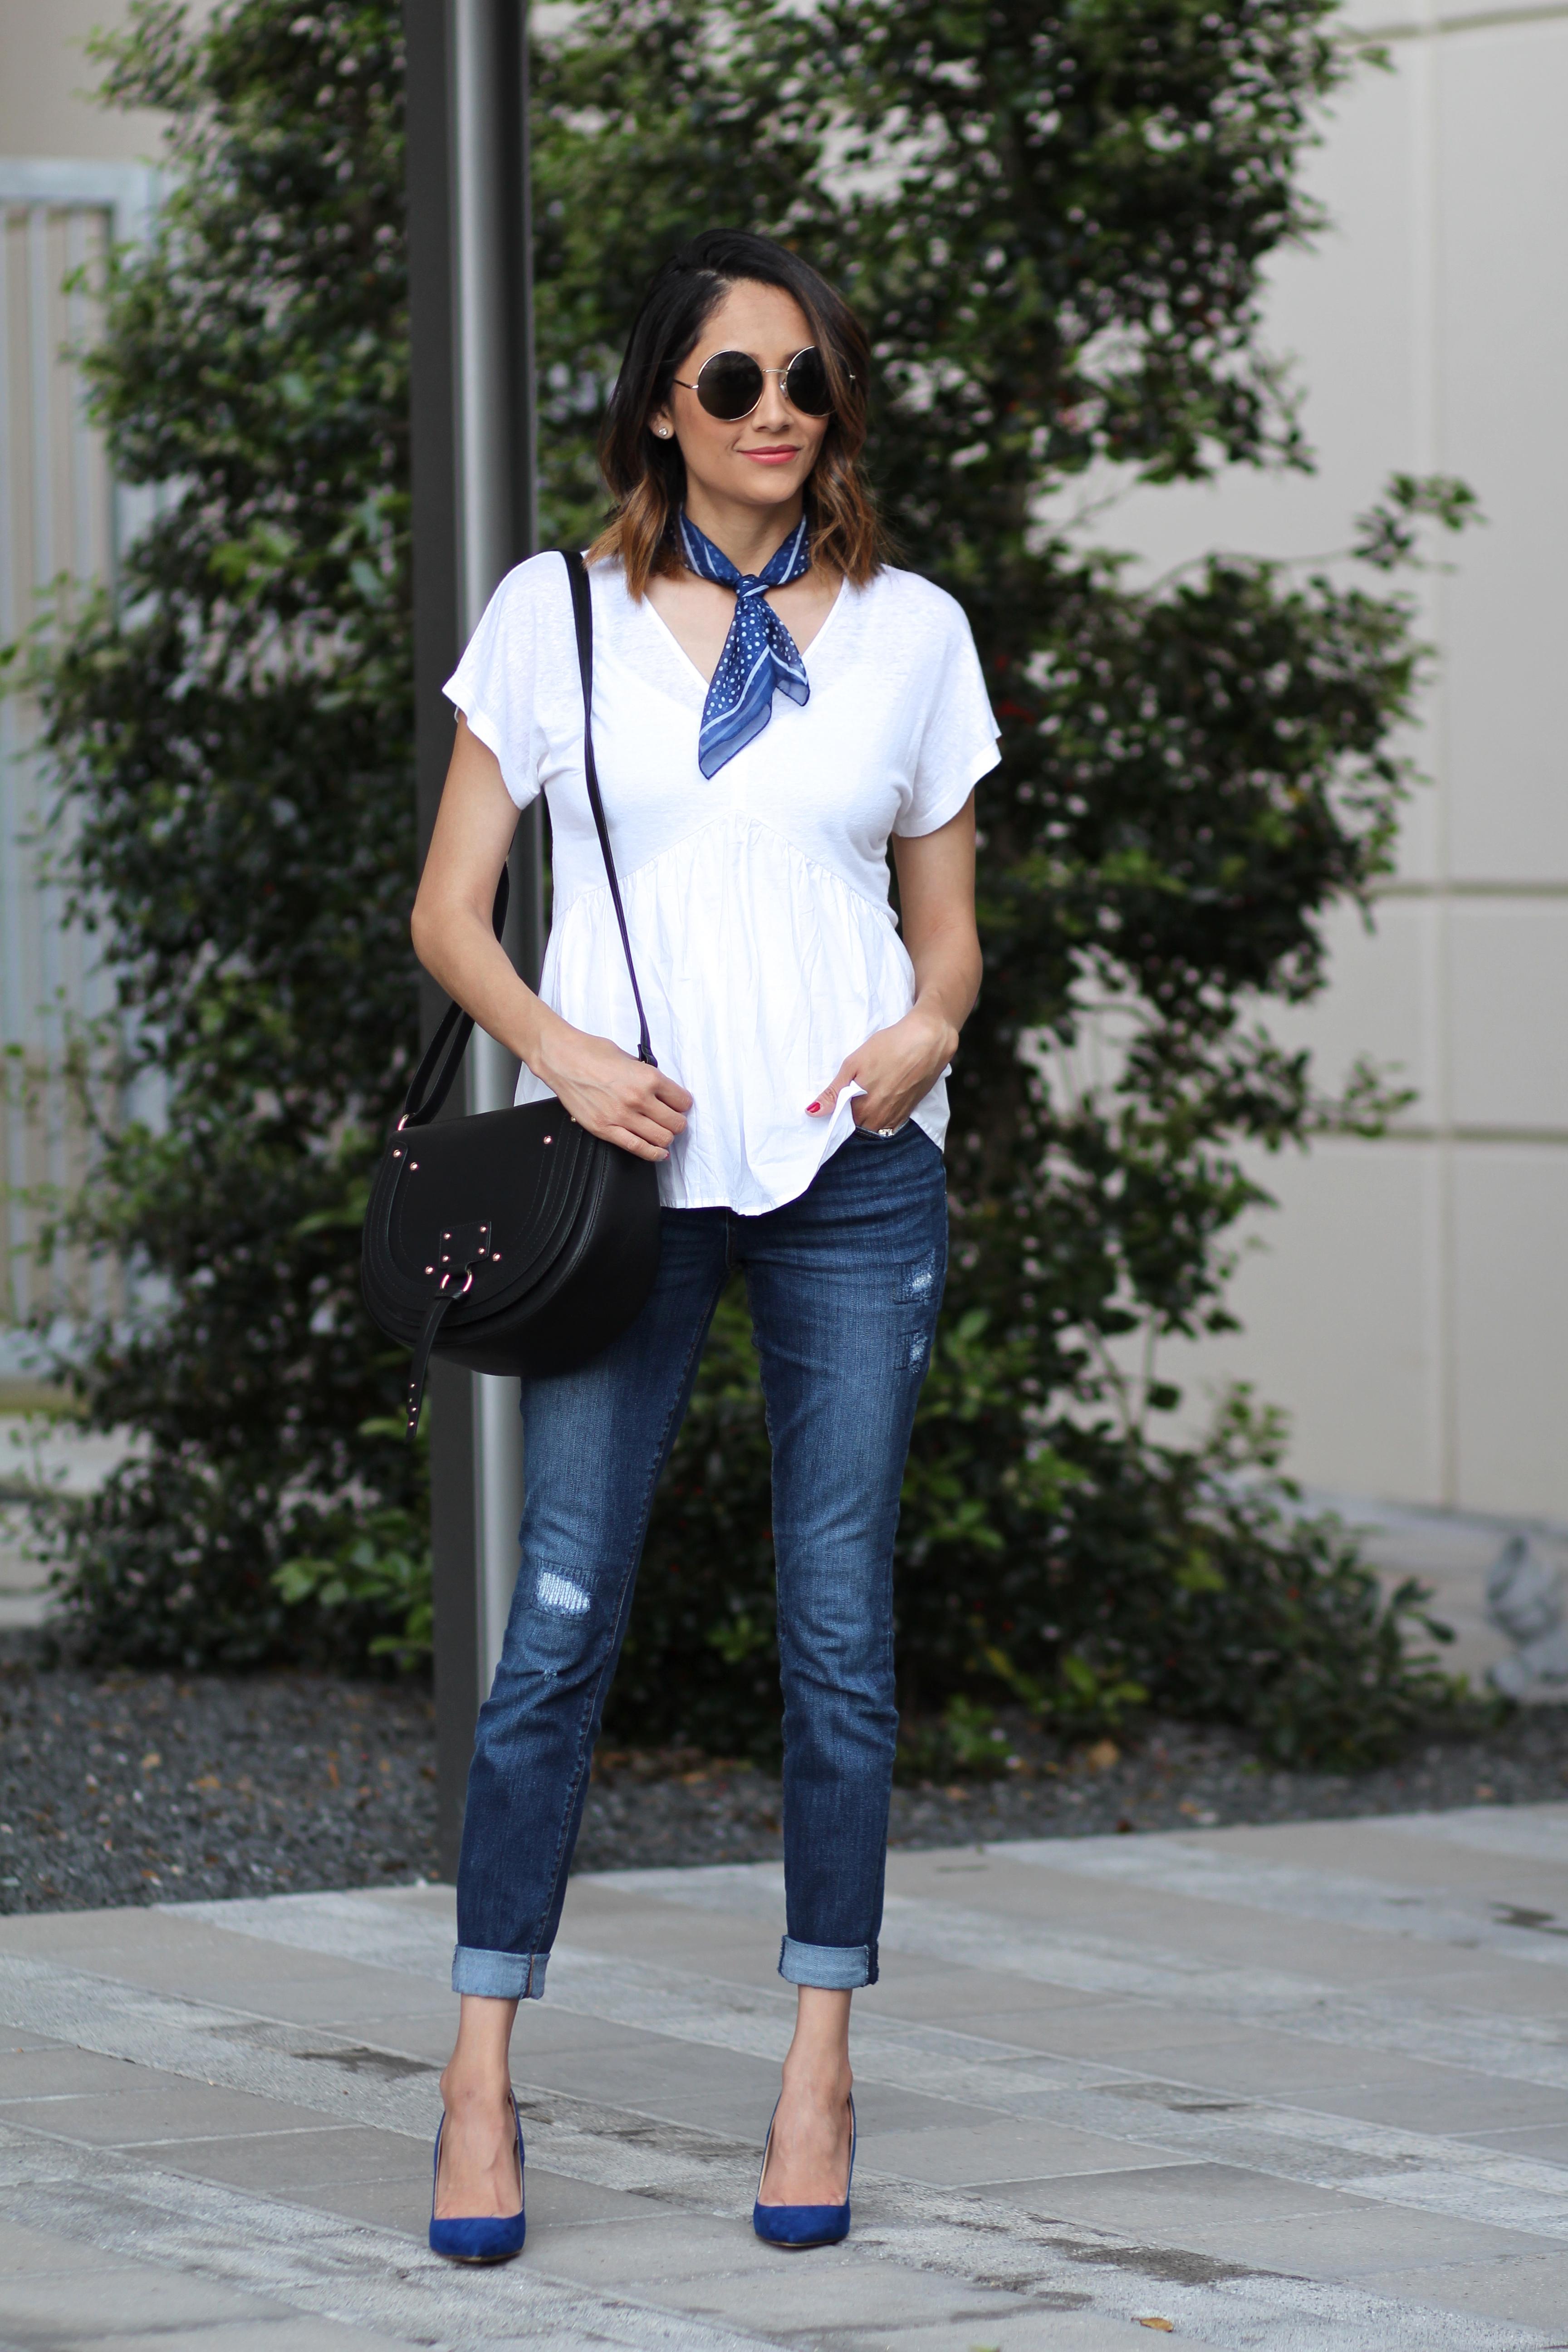 street chic spring look. designer inspired handbag & blue pumps